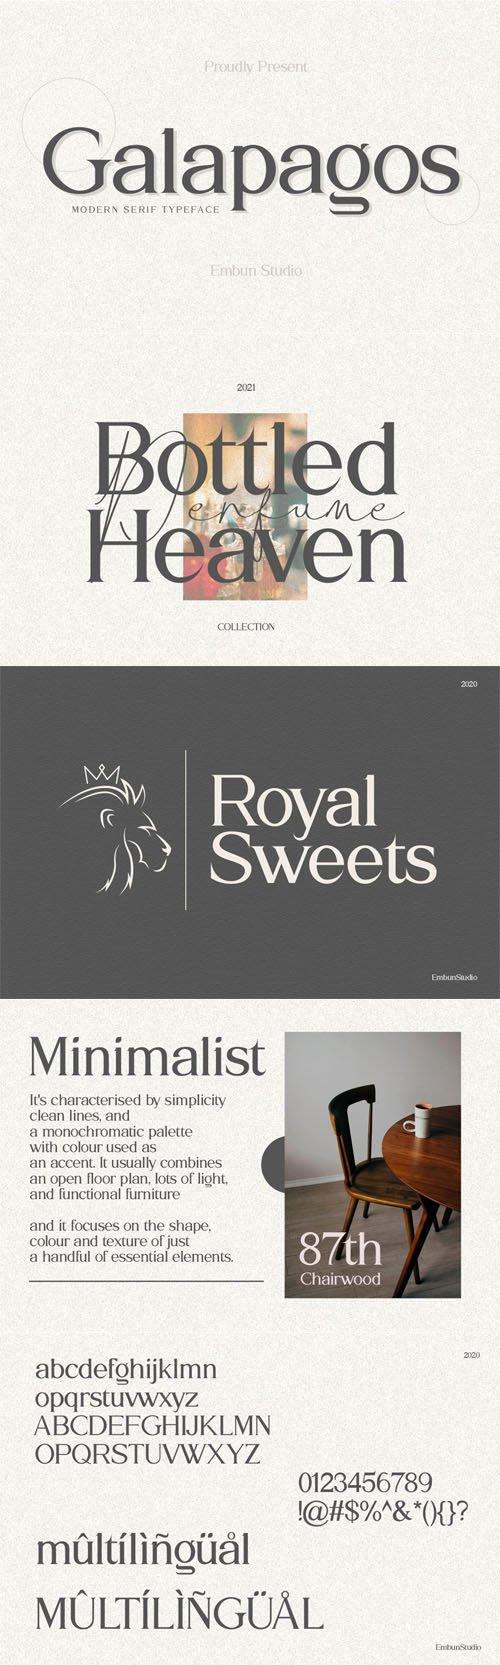 Galapagos - Modern Serif Typeface